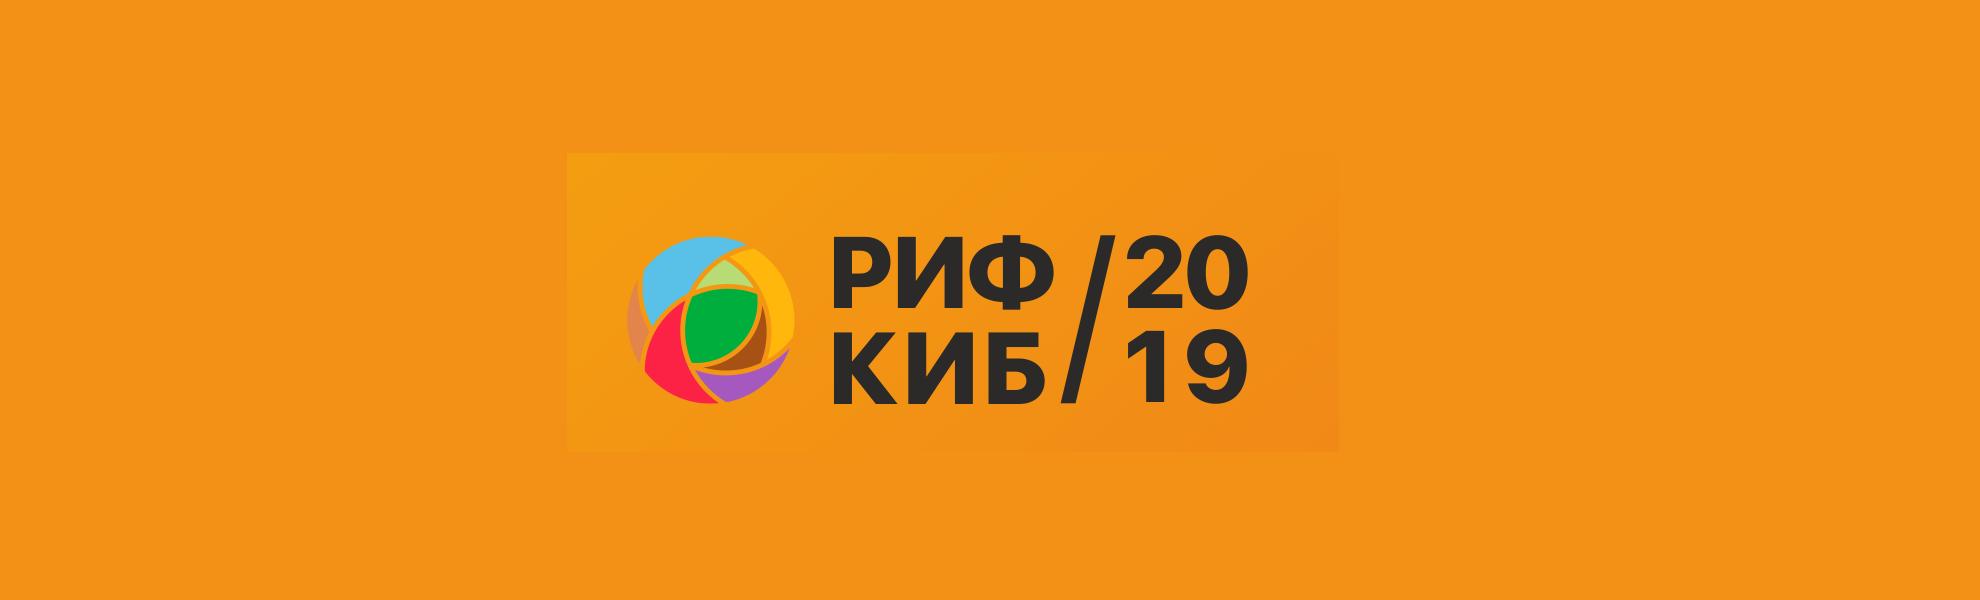 Корейские компании в России: знакомство на РИФ+КИБ // 한국 러시아